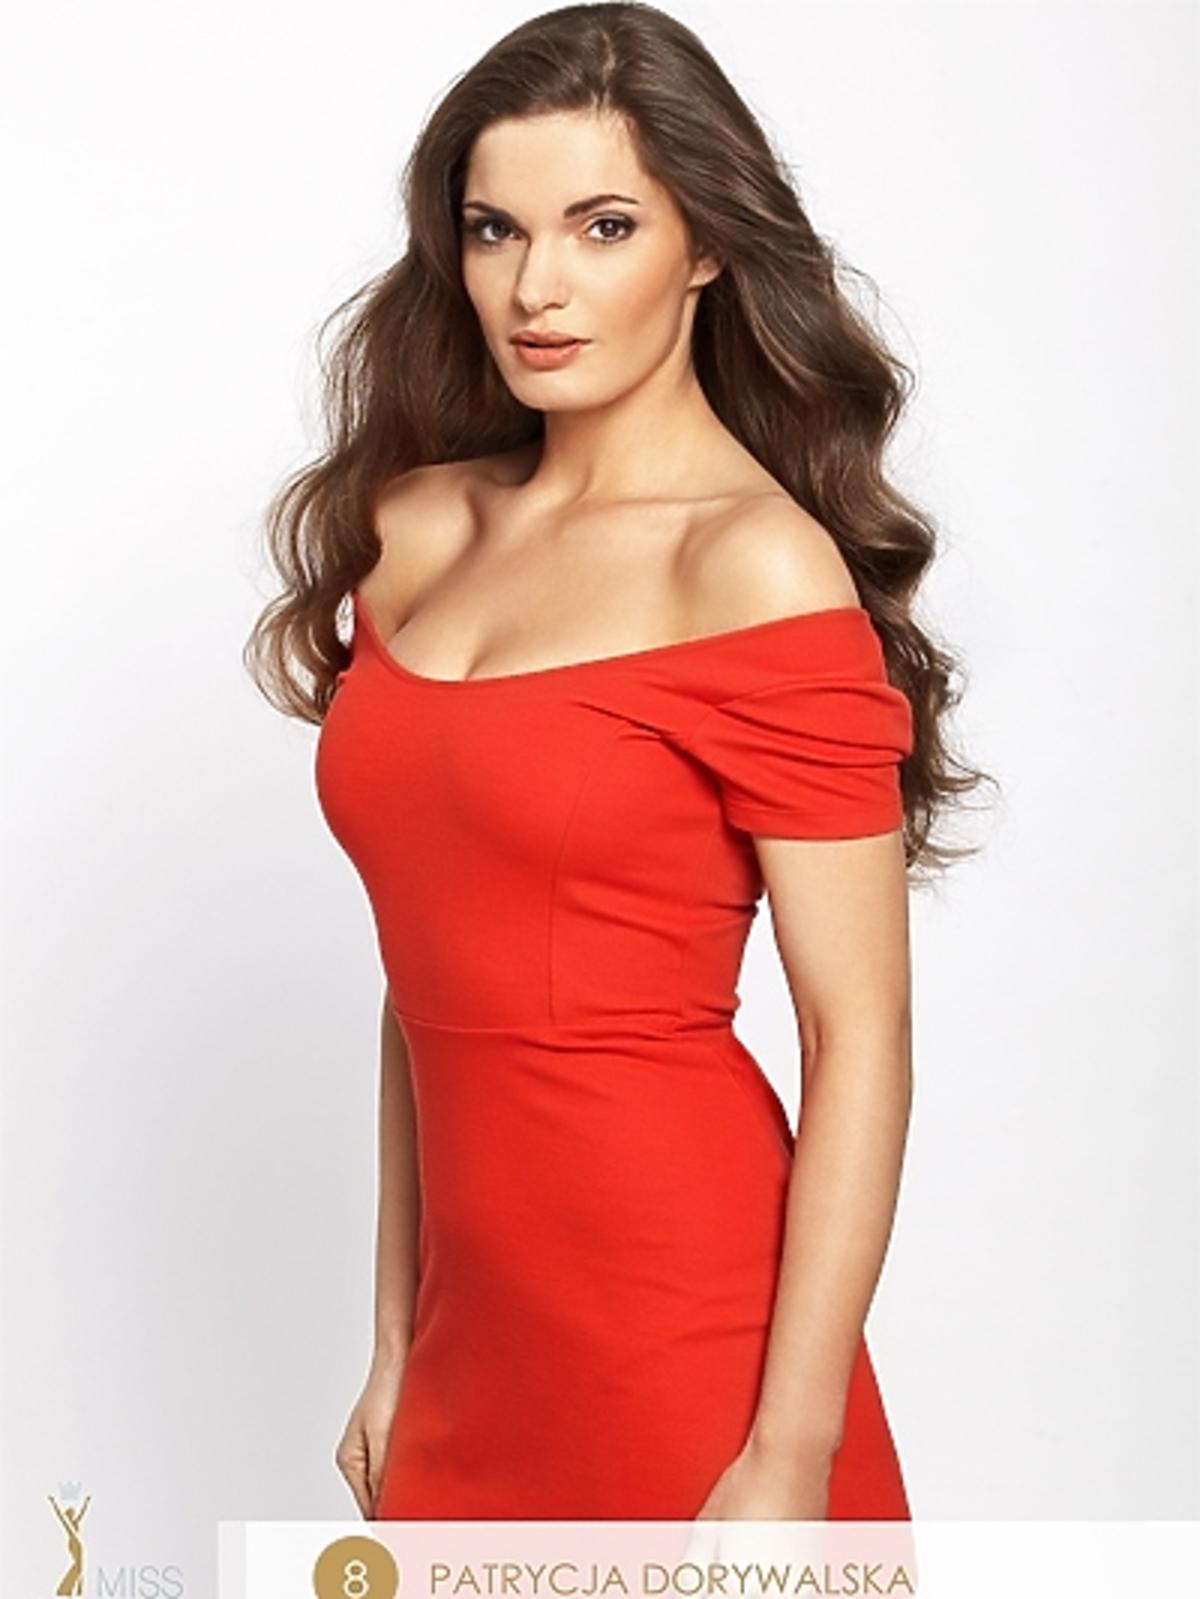 Patrycja Dorywalska - kandydatka do tytułu Miss Polonia 2012